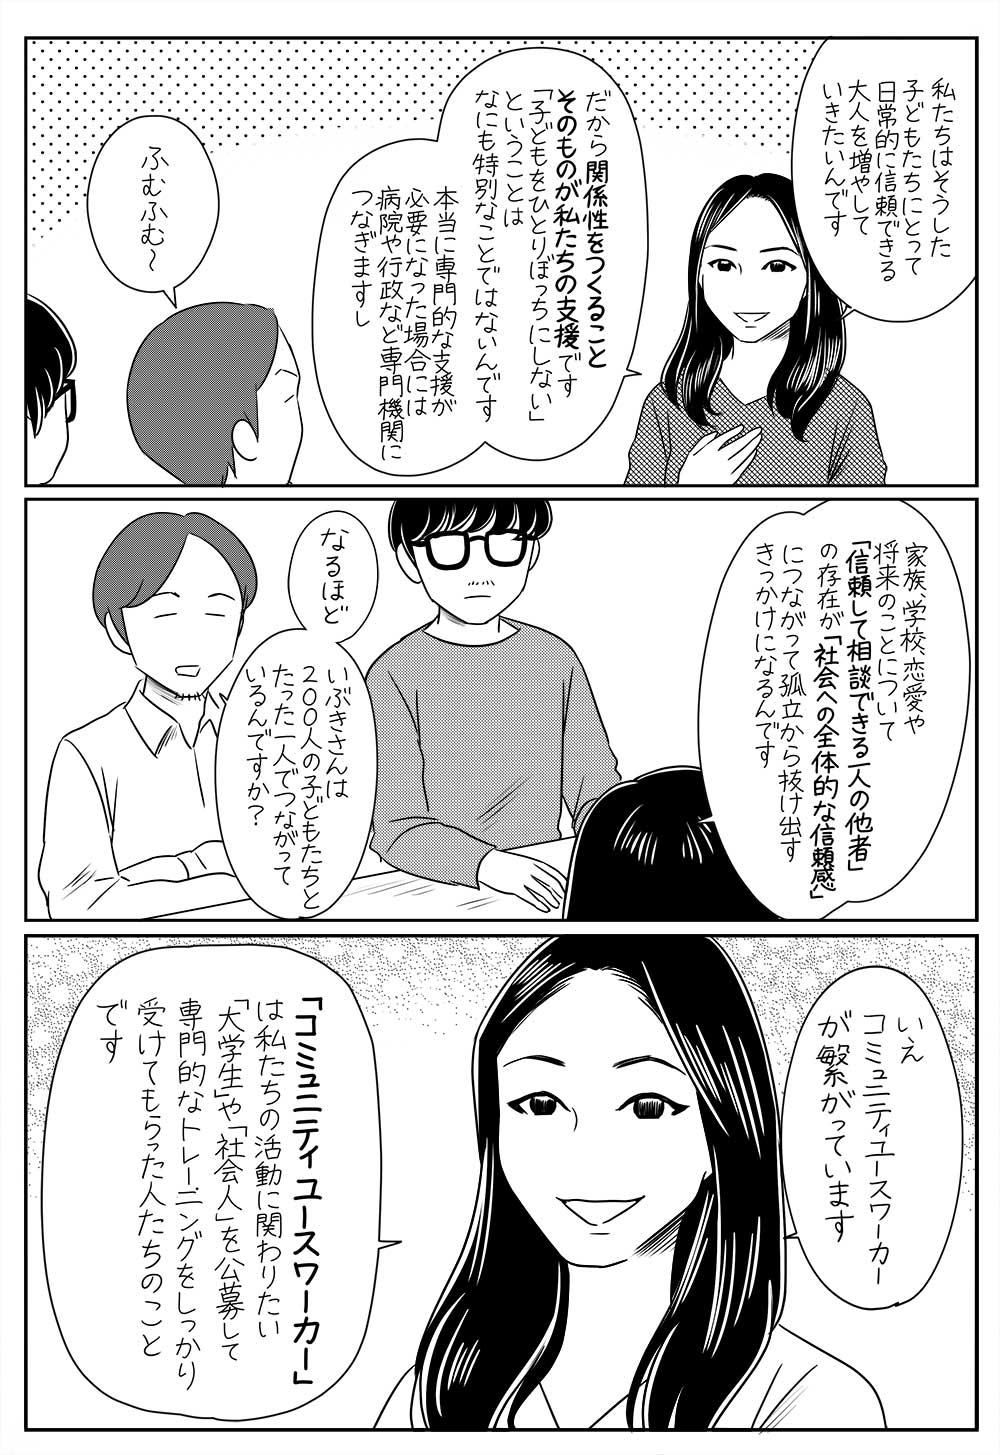 f:id:kakijiro:20170501004236j:plain